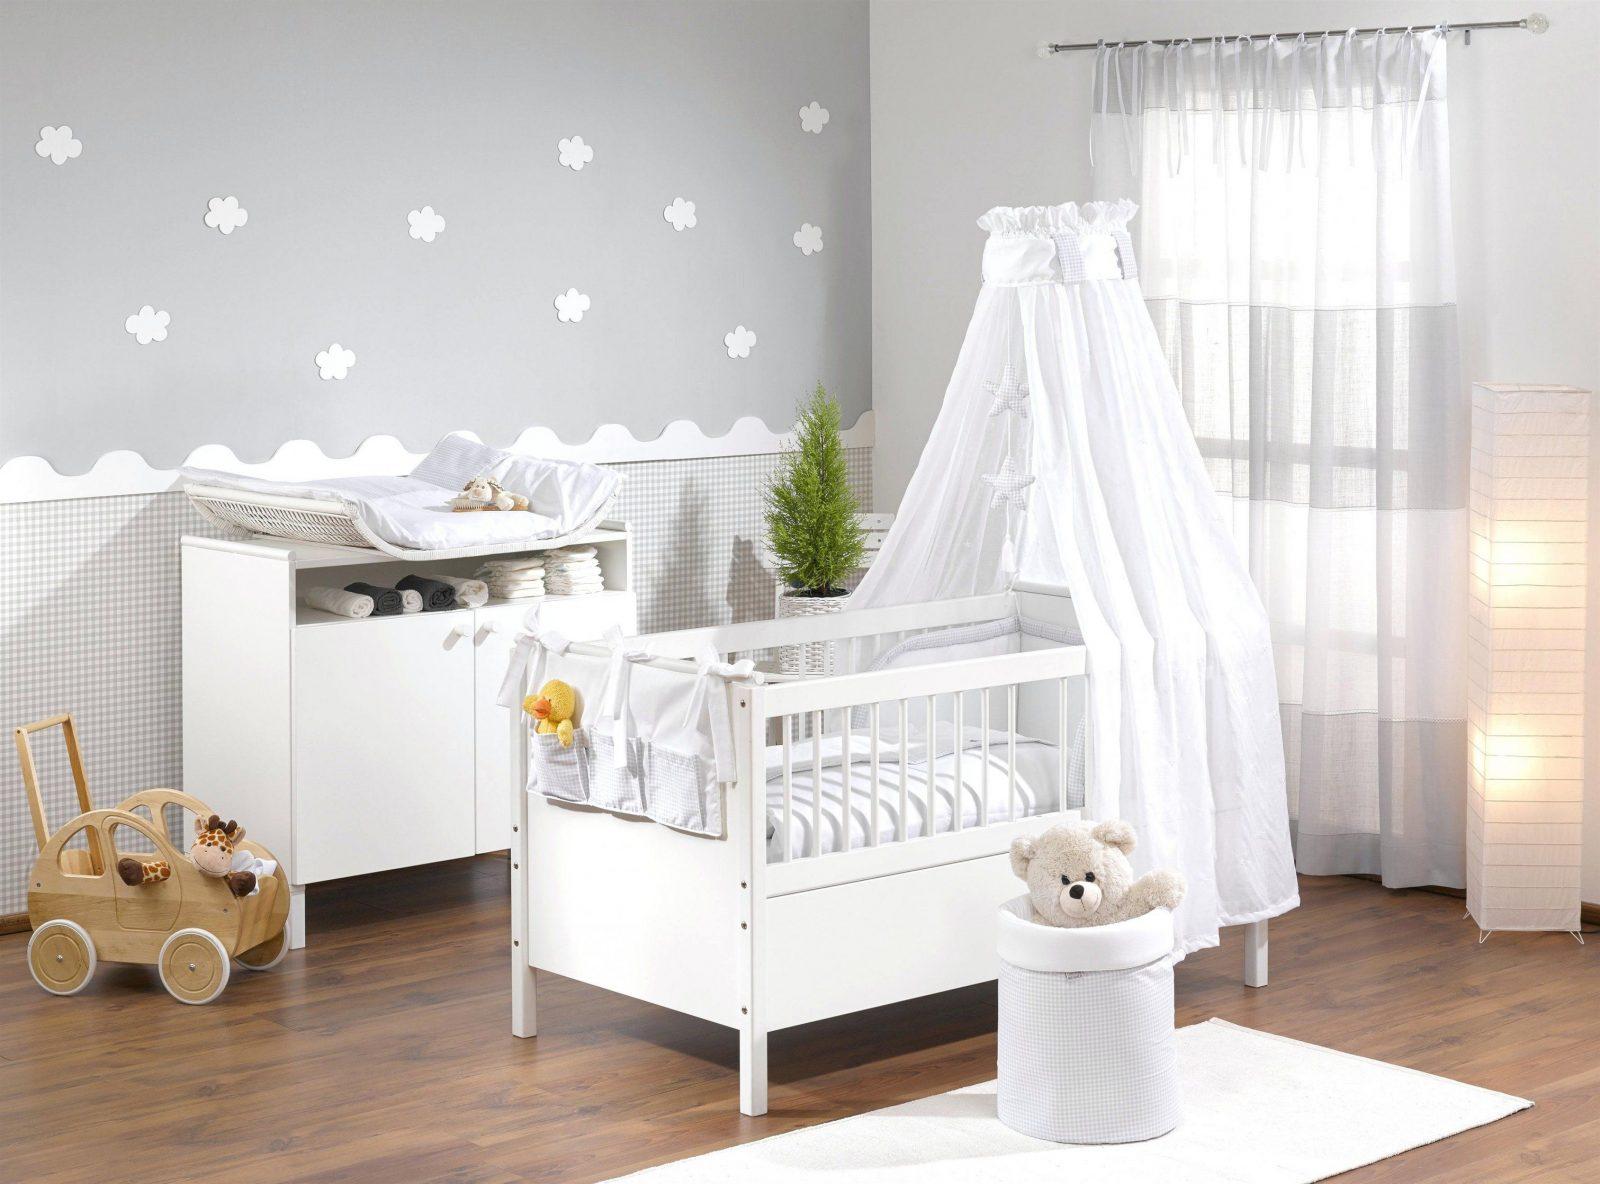 Babyzimmer Deko Ideen Baby Zimmer Attraktiv Auf Dekoideen Fur Ihr von Dekoideen Kinderzimmer Selber Machen Bild